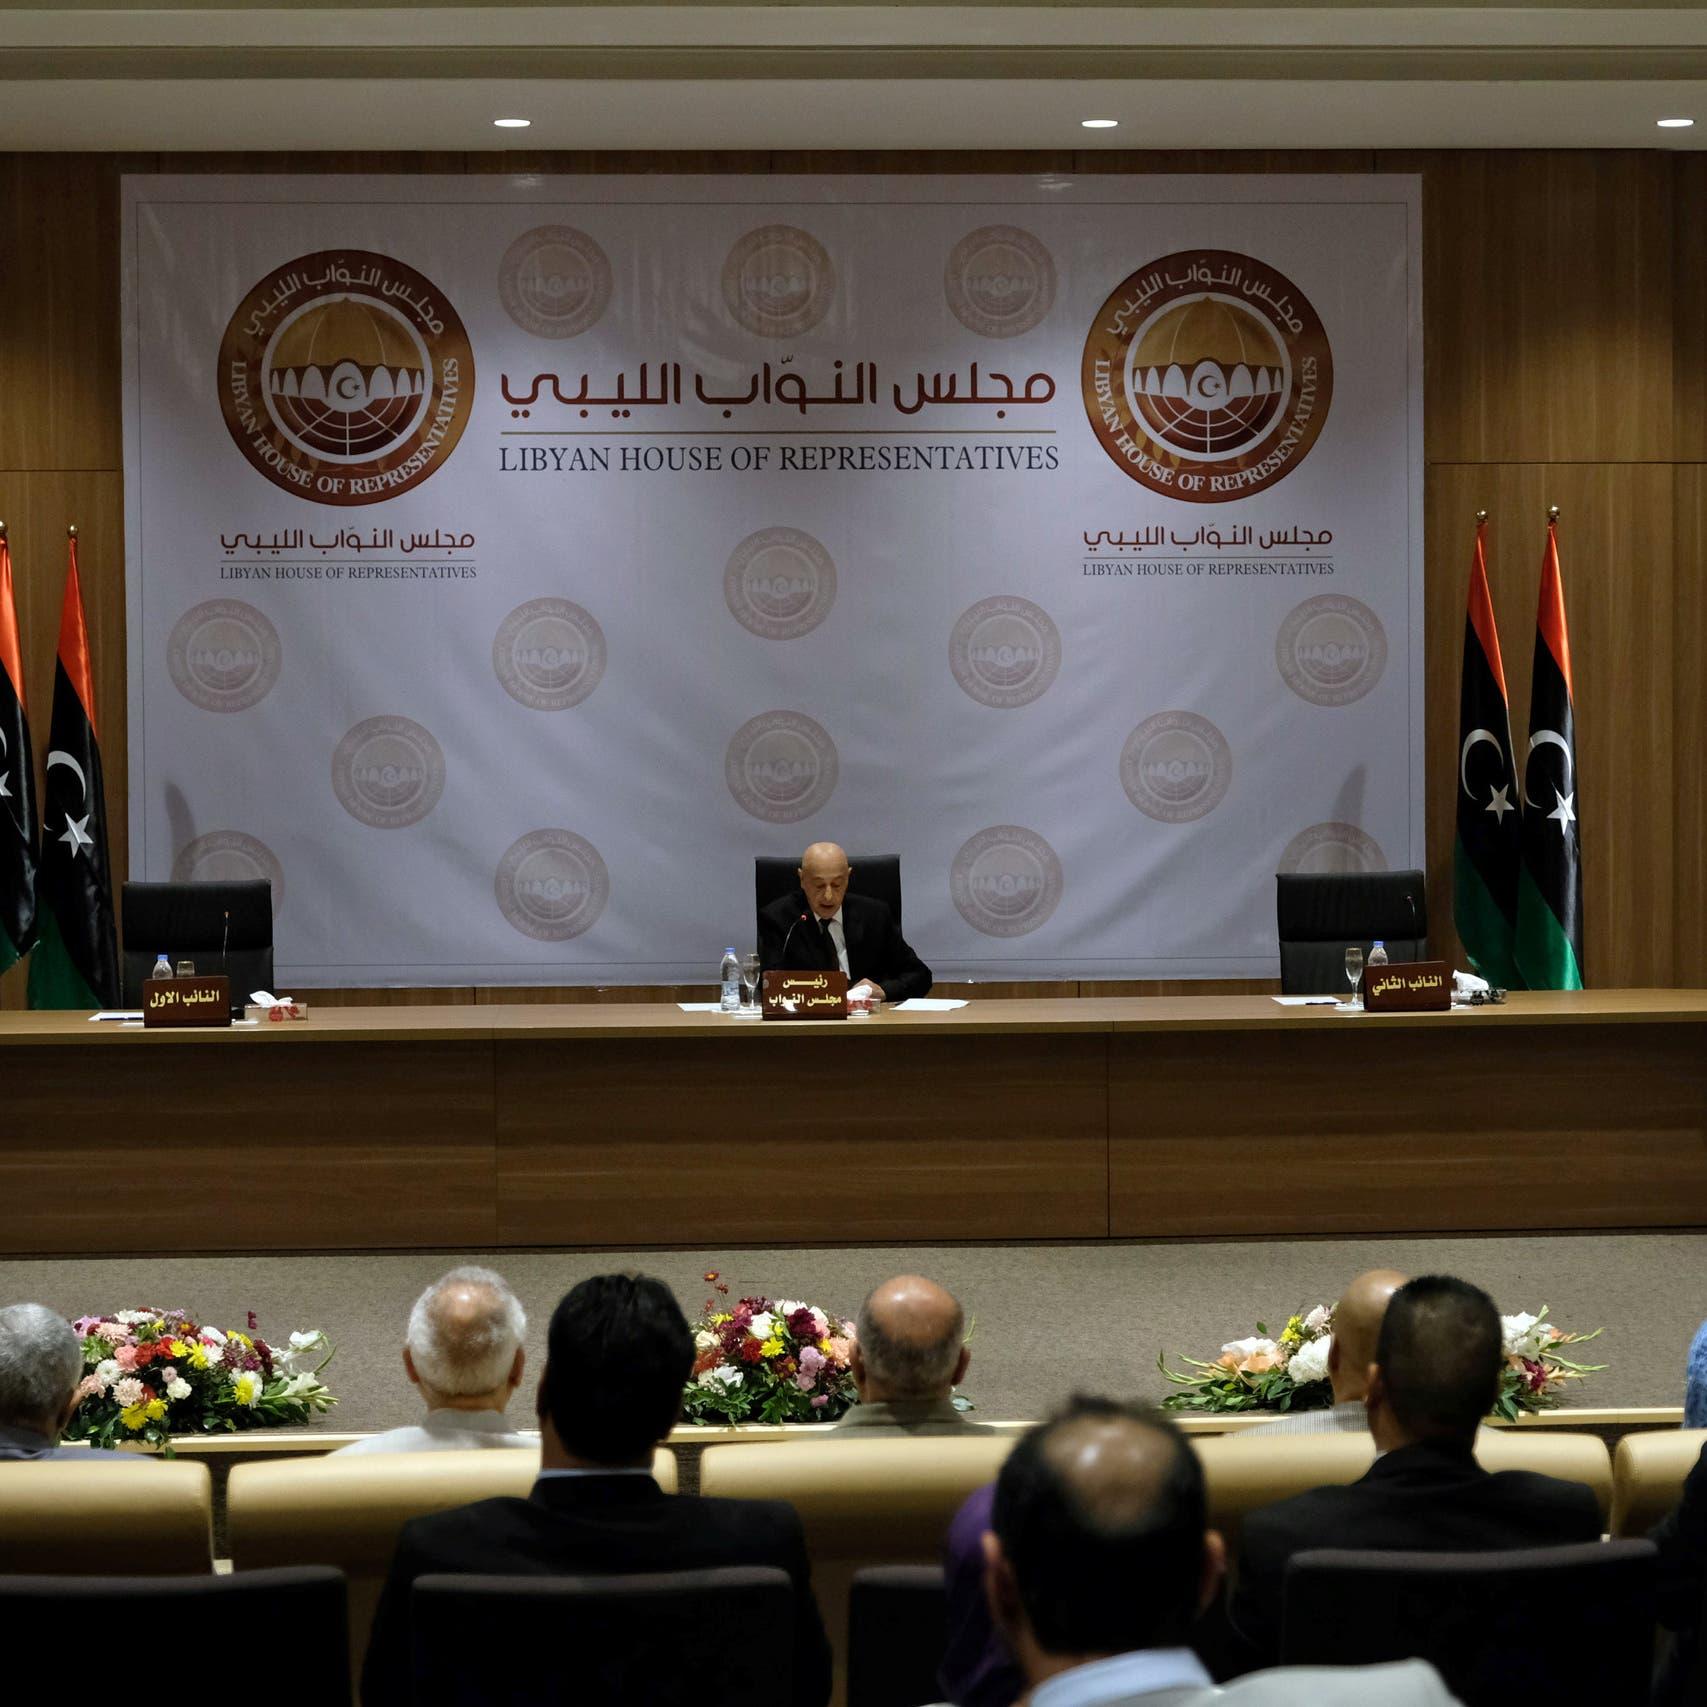 البرلمان الليبي يتوعد بصد أي تدخل عسكري تركي